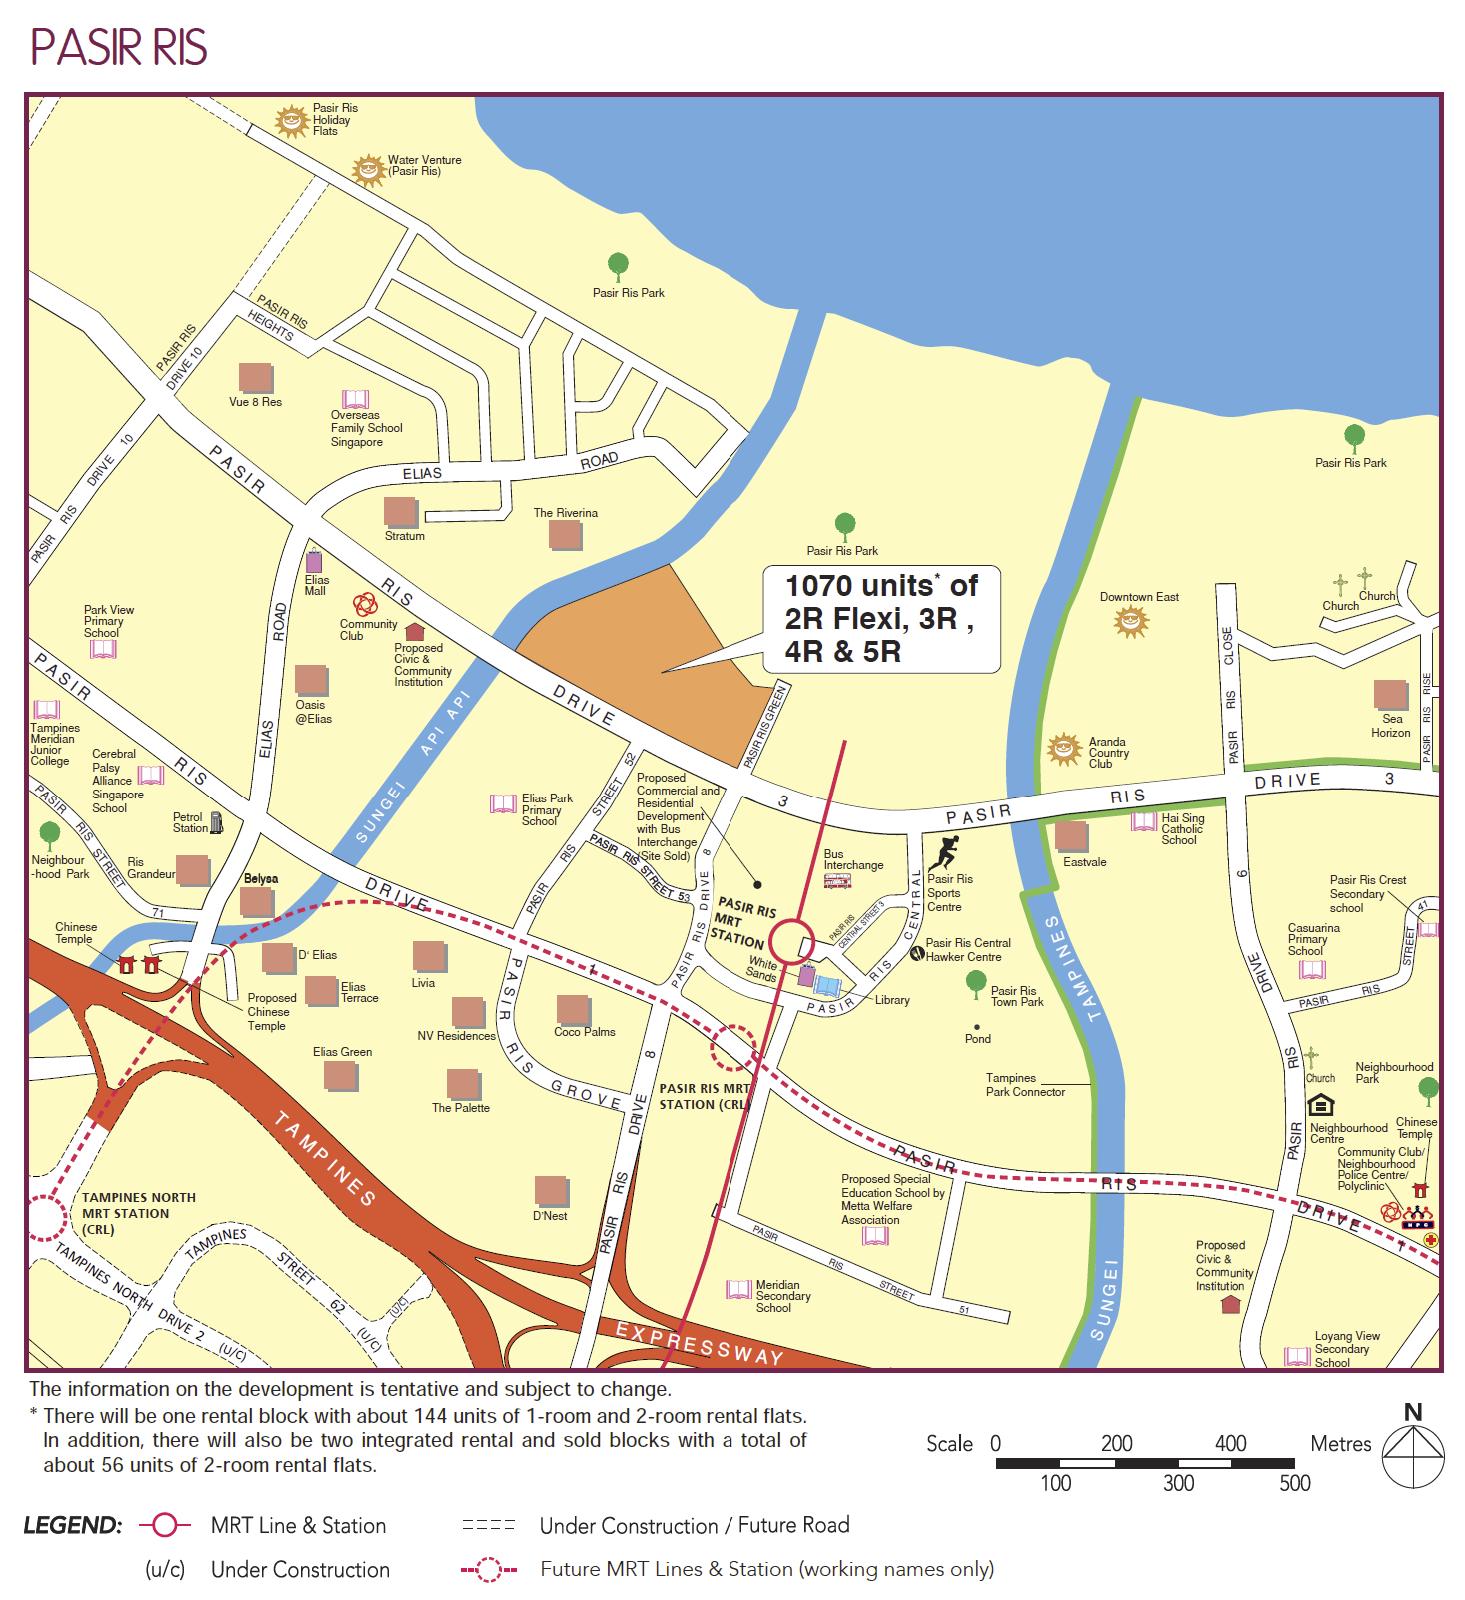 pasir ris hdb bto august 2020 map hires